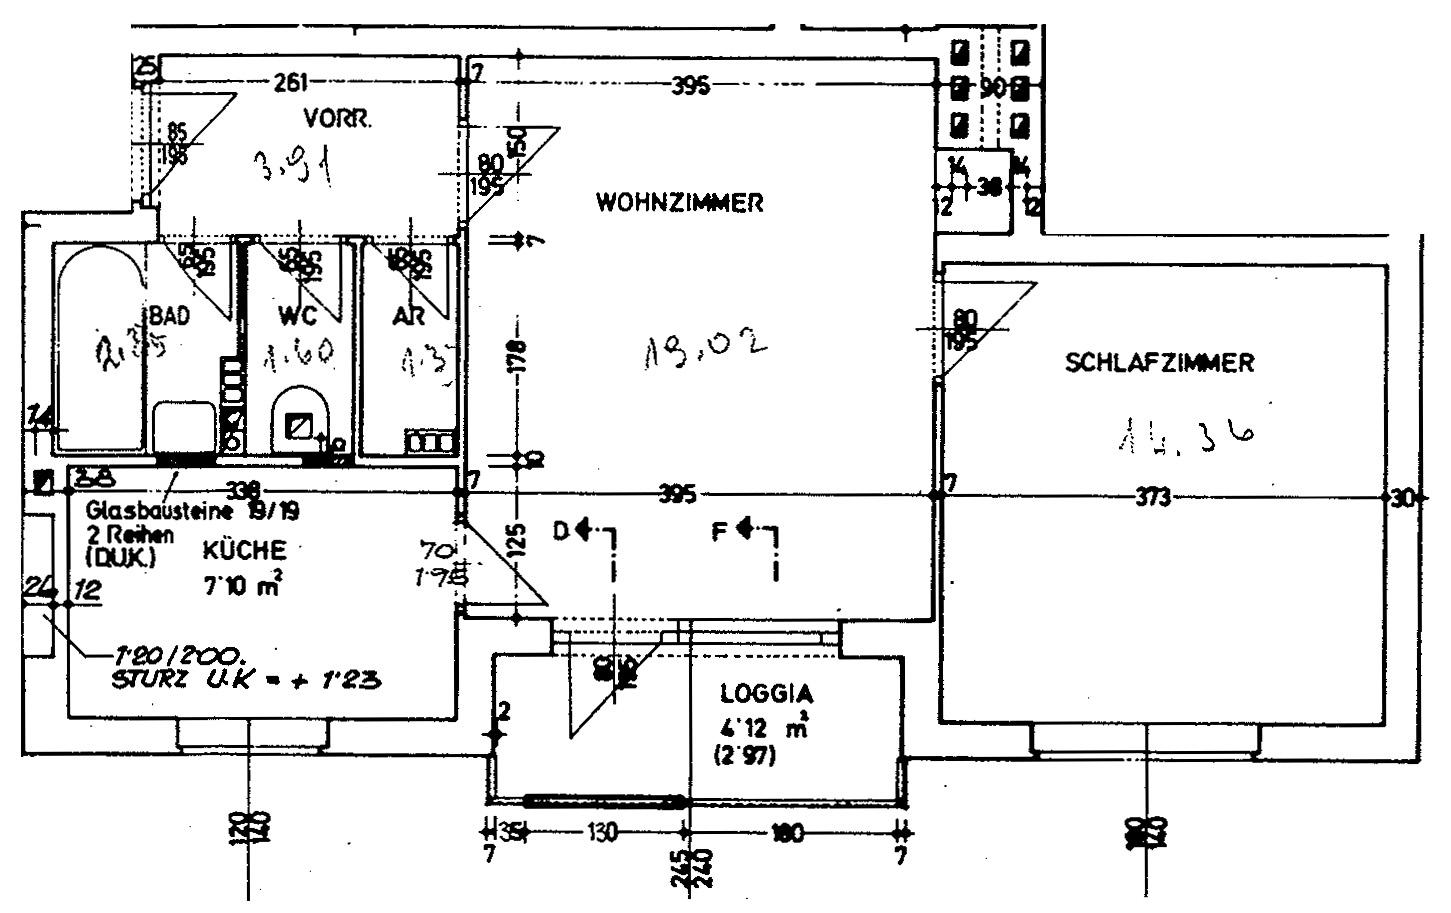 Immobilie von LAWOG in Johannisthal 36/4, 4690 Rüstorf #1